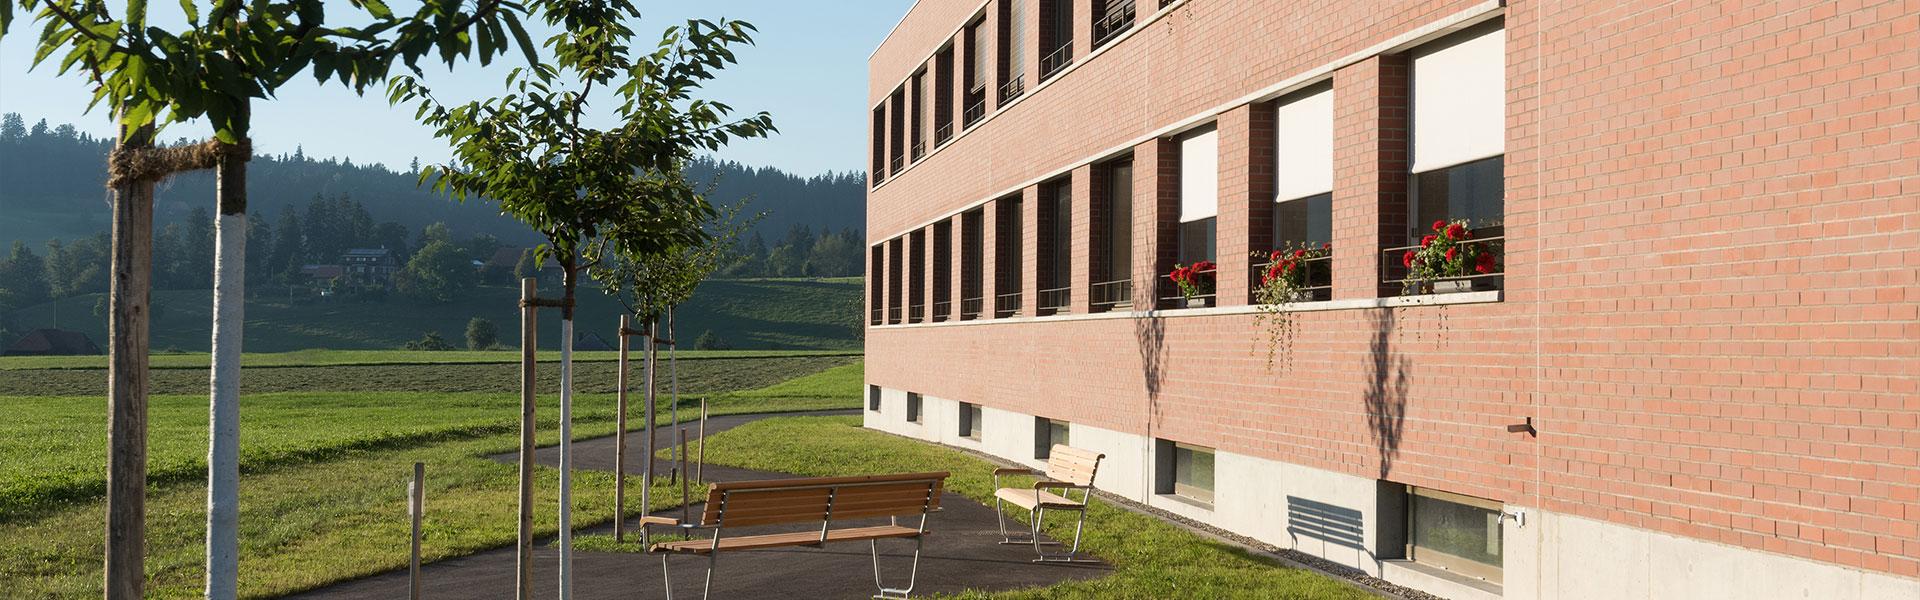 Angebot - Wohnen im Alter - Alterszentrum Sumiswald AG